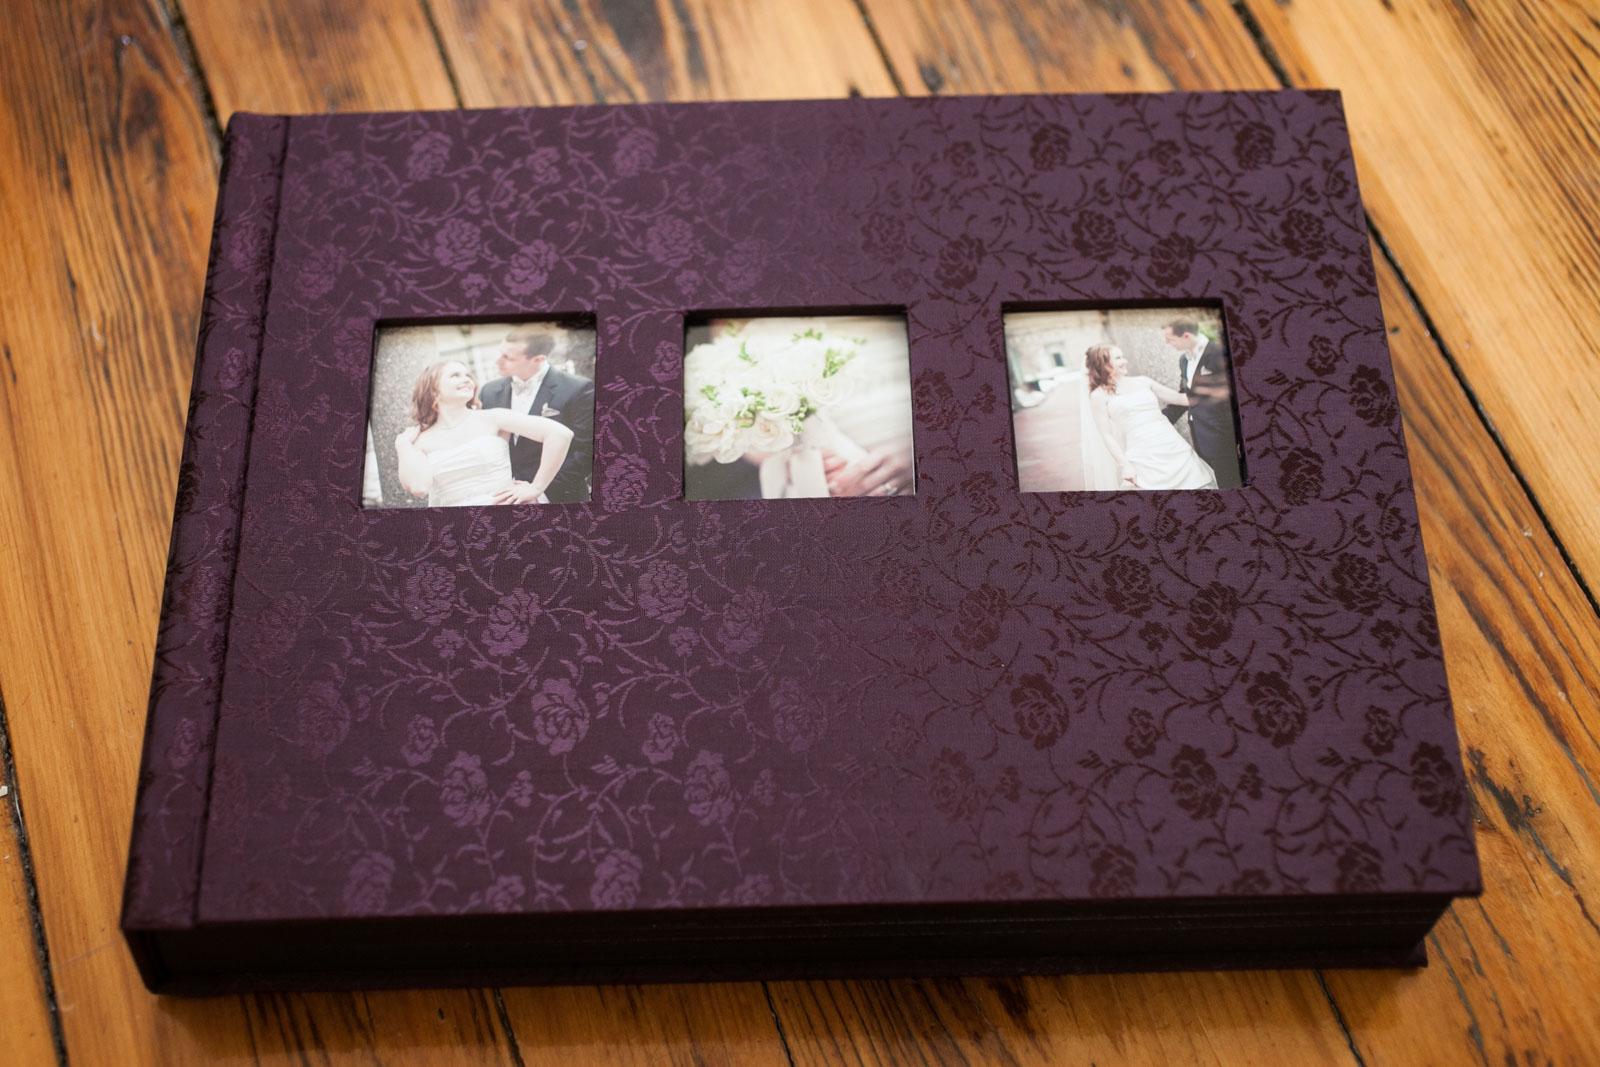 Fullsize Of Personalized Photo Albums